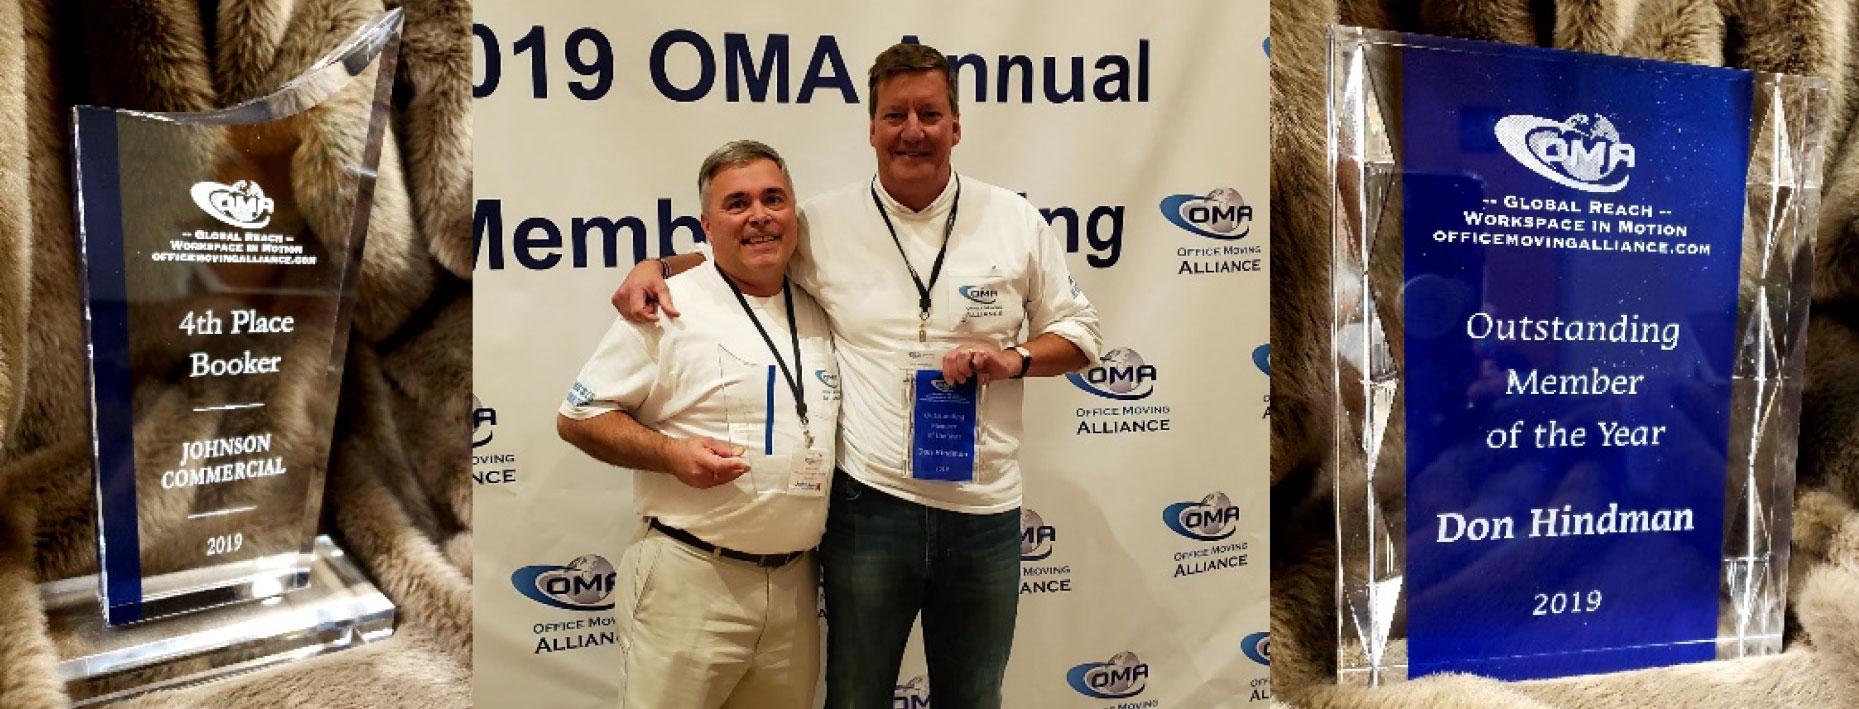 OMA-press-release